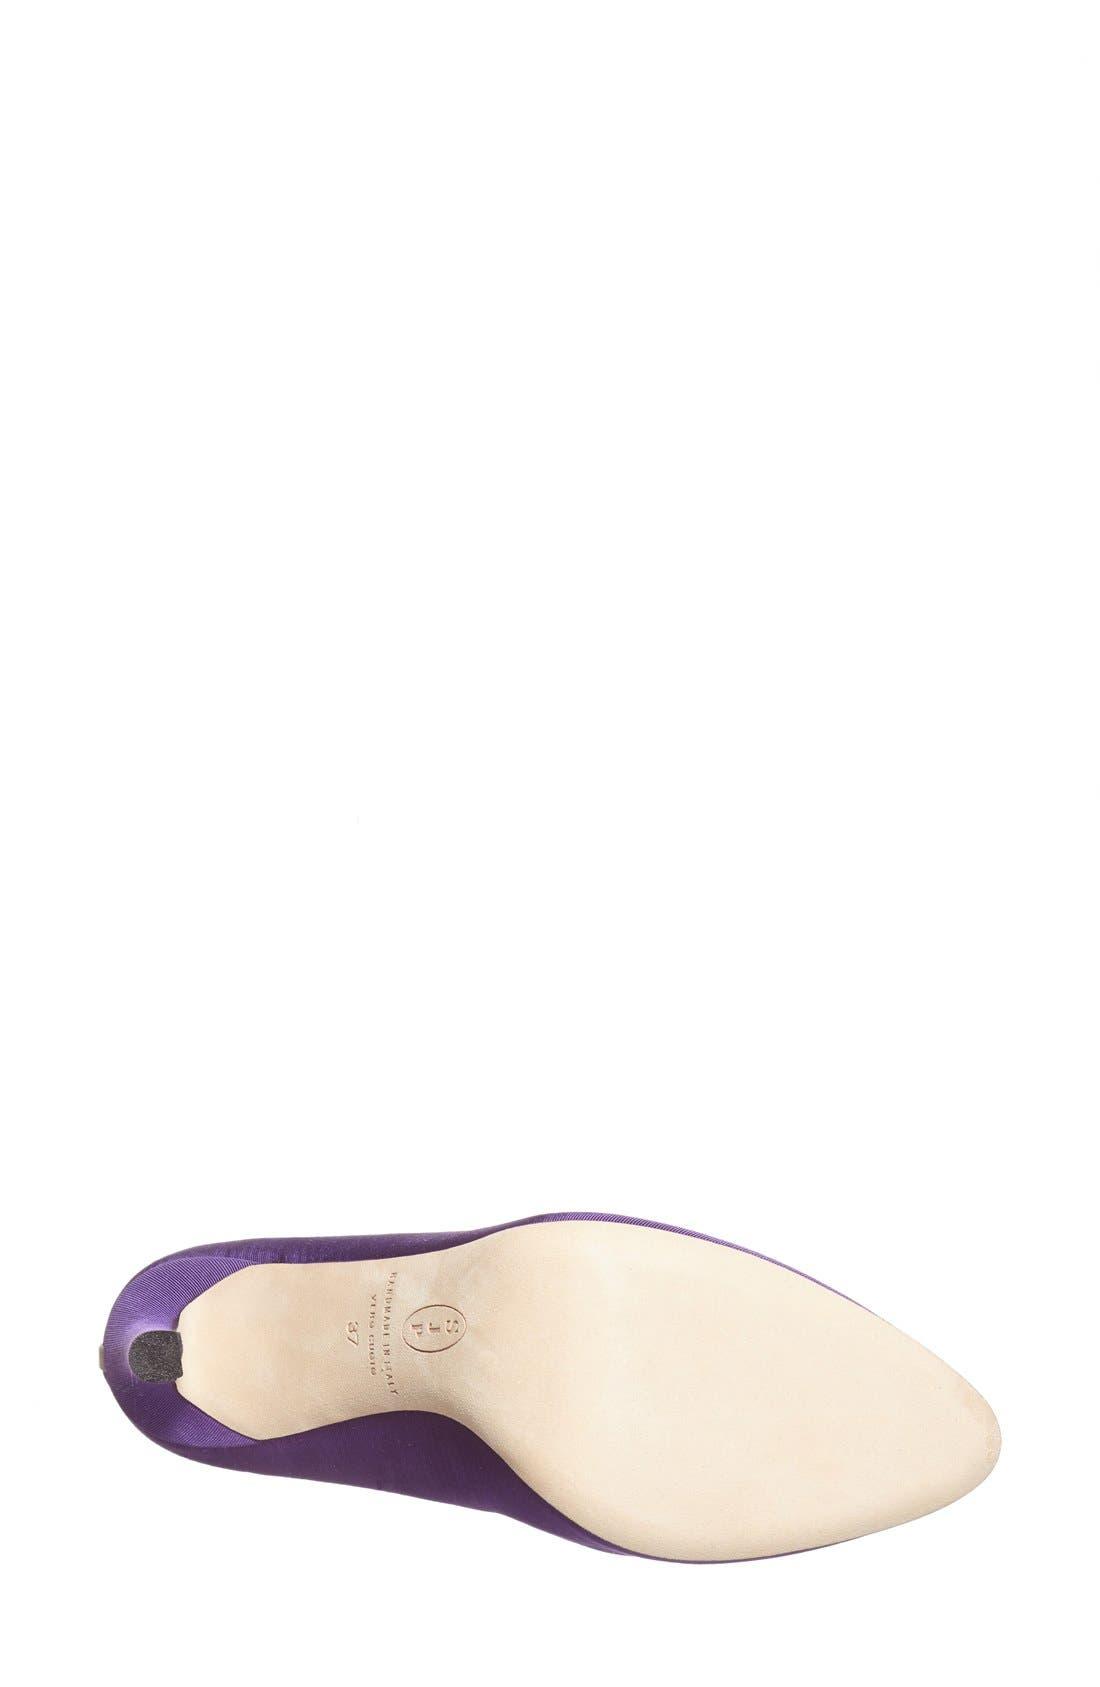 SJP 'Lady' Pump,                             Alternate thumbnail 4, color,                             Purple